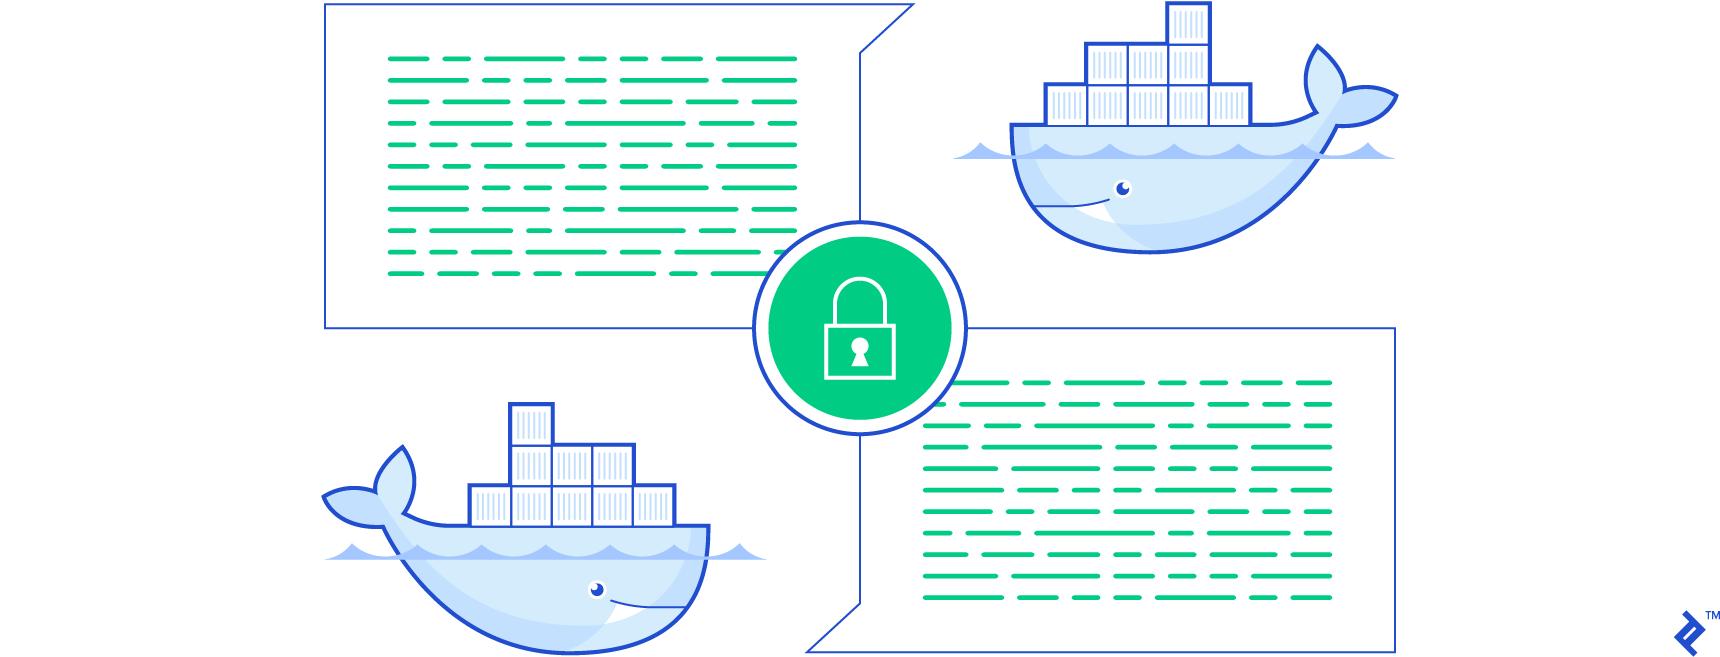 Docker Swarm is secure by default.